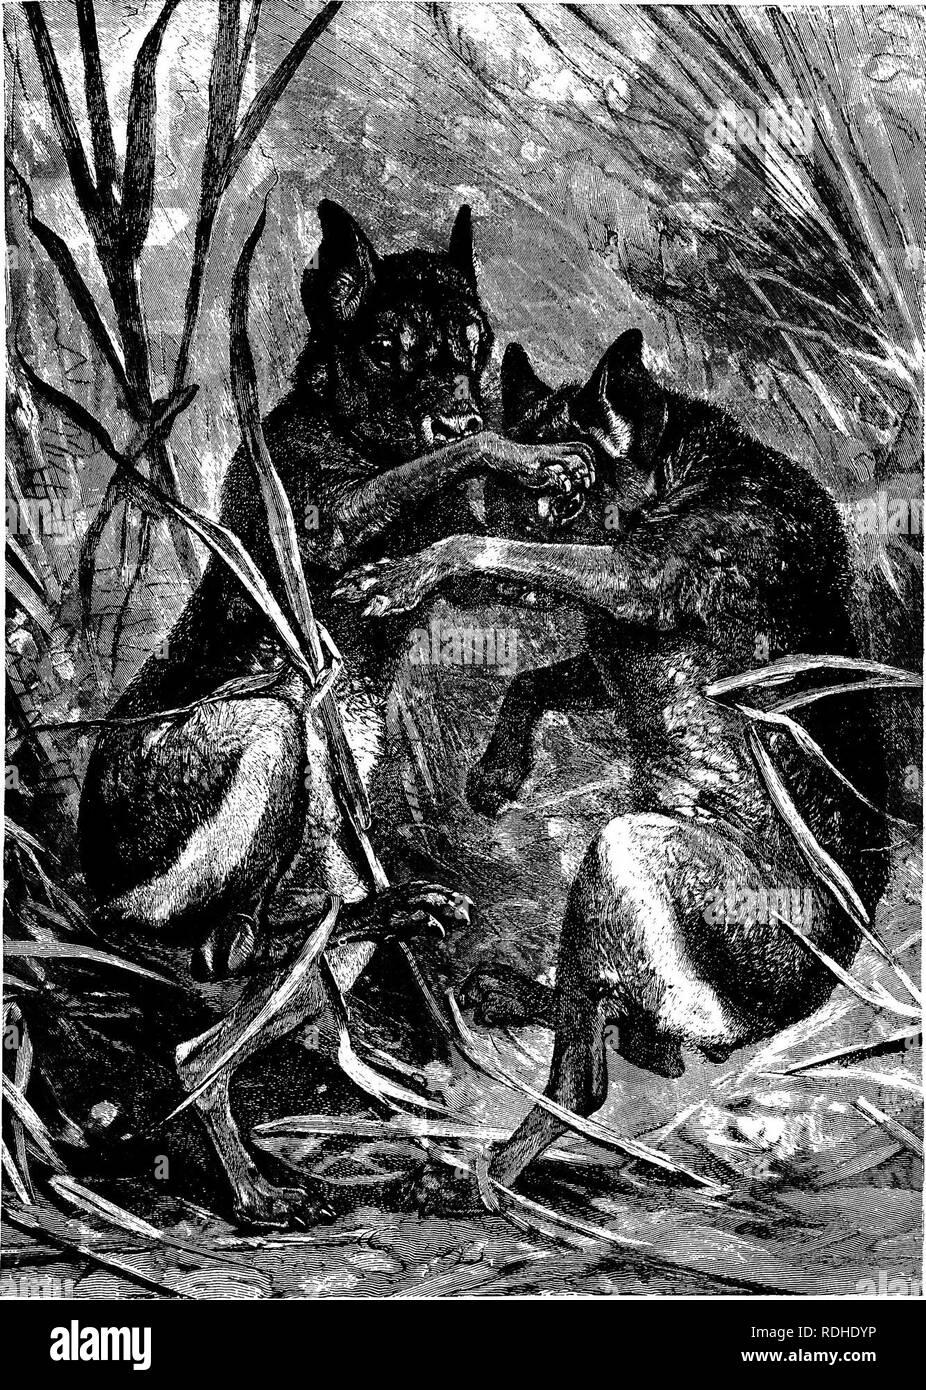 . Los animales del mundo. Brehm la vida de los animales;. Los mamíferos. MABA OB FATAGONIAIf CAVY. Habitar la mayoría improductivas regiones de un país desolado, viviendo en agujeros en la tierra estéril y huyen al menor sonido, estos animales son raramente observadas por los investigadores. Como una cosa habitual estos queer, orejas largas, patas largas roedores son muy pacíficamente dispuestos y amigable con otros de su especie. Ocasionalmente se planteen diferencias entre dos hombres, sin embargo, Maras y luego pararse sobre sus patas traseras. y luchar con su avance-paws, descrita por el artista. (Dolichotis fatagonica.) (361). Imagen De Stock